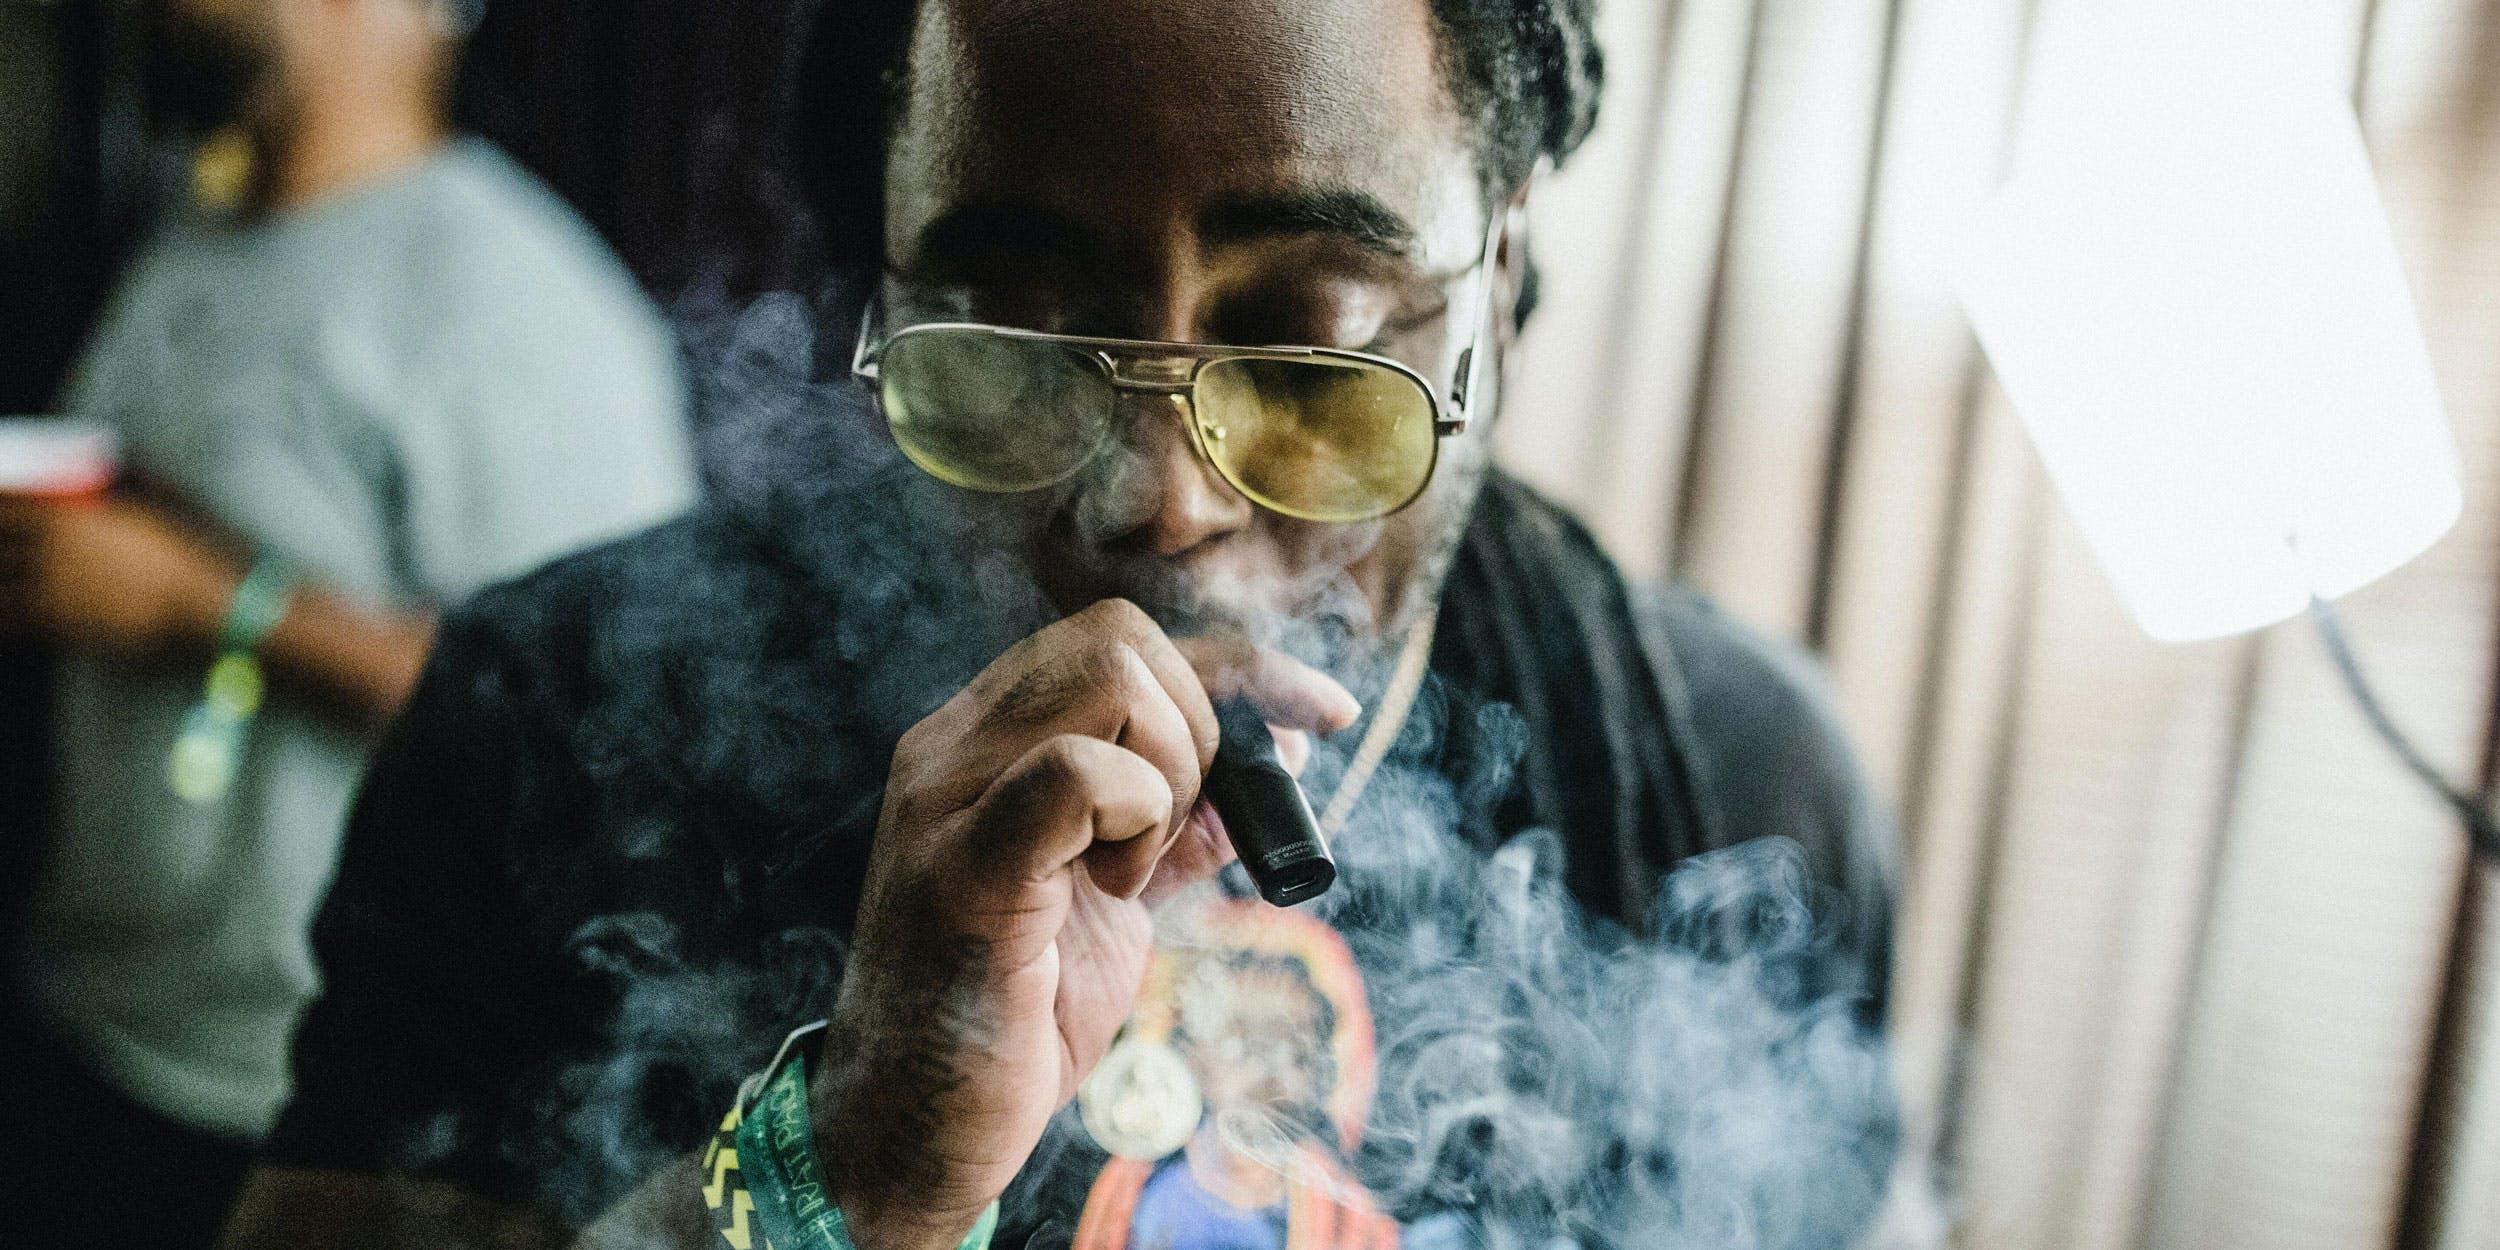 man smokes cannabis concentrates in a vape pen